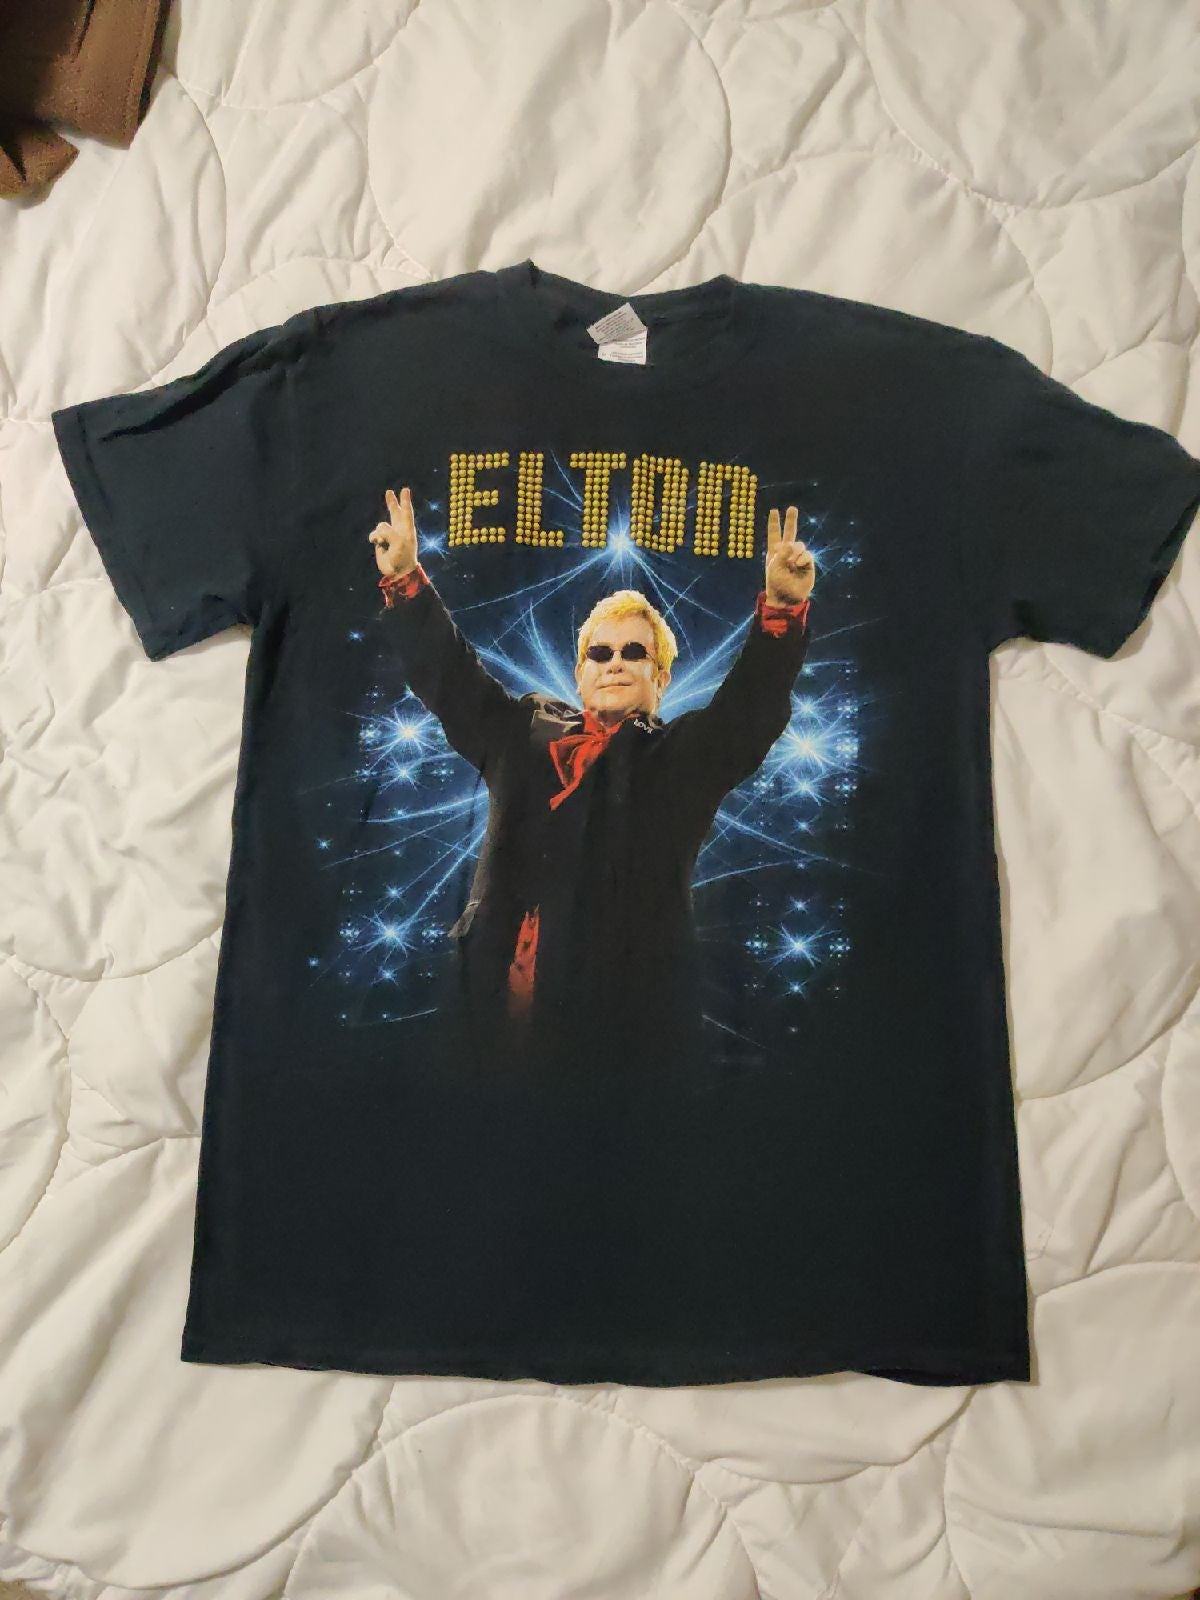 Elton John 2014 Tour T-Shirt (Medium)